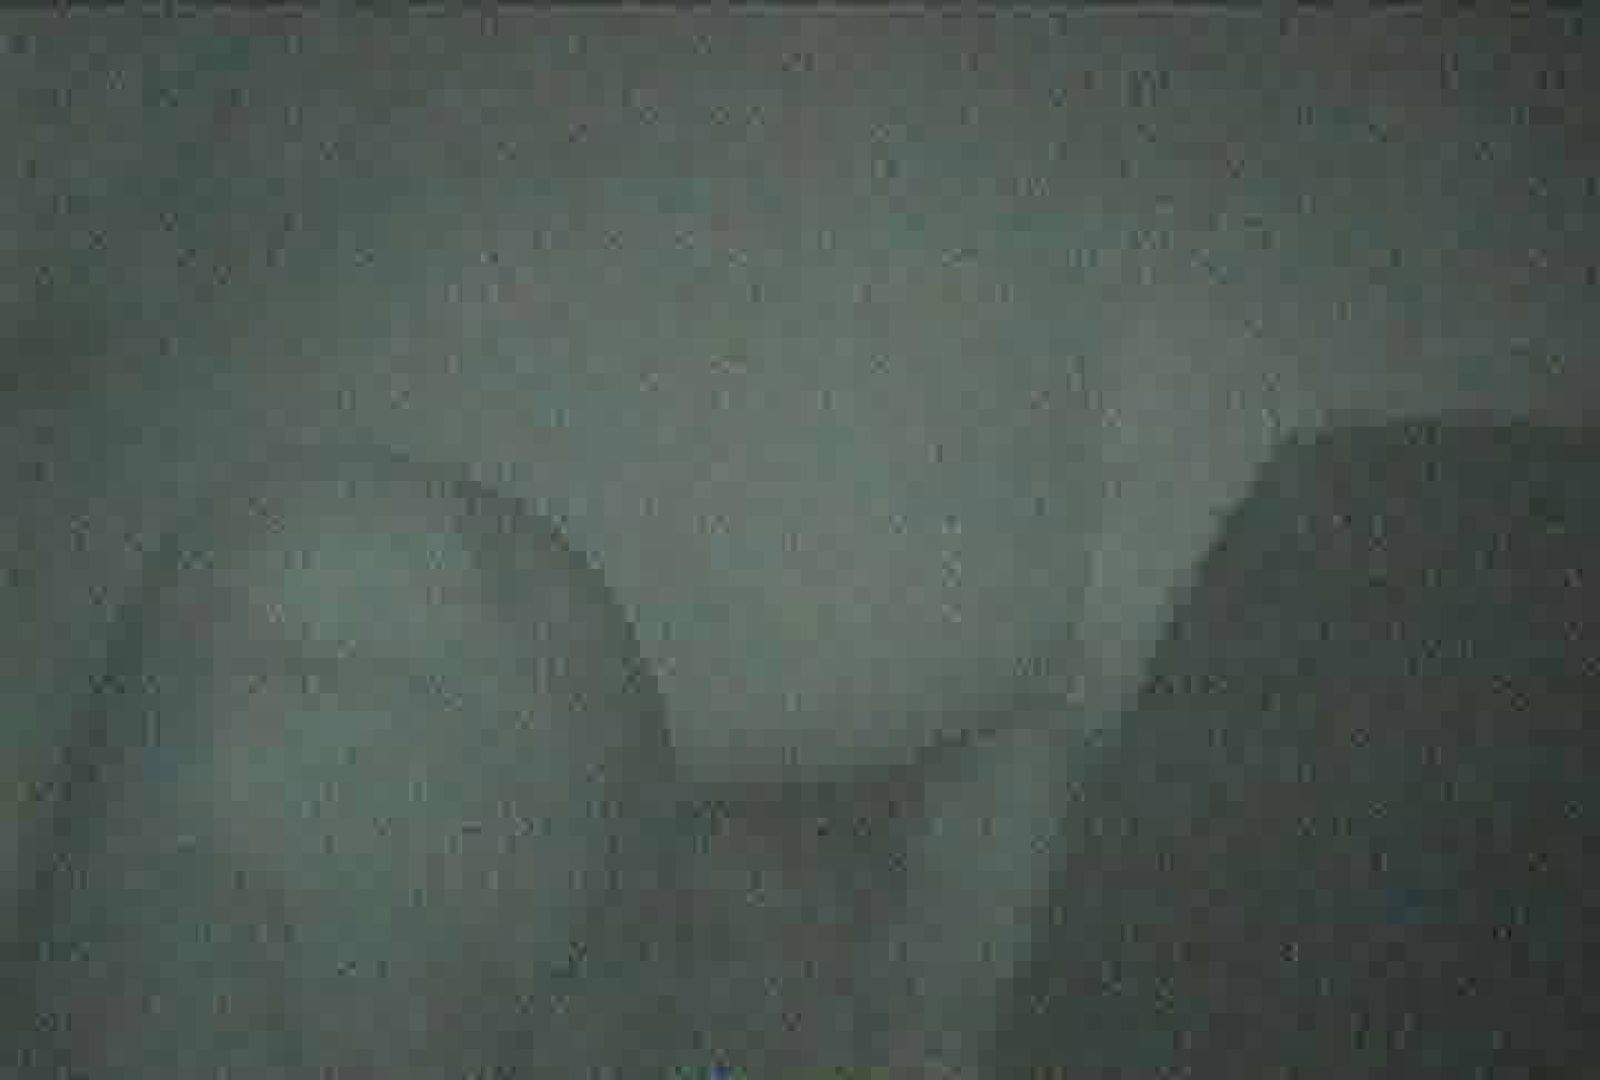 充血監督の深夜の運動会Vol.97 カップル盗撮 性交動画流出 104画像 55